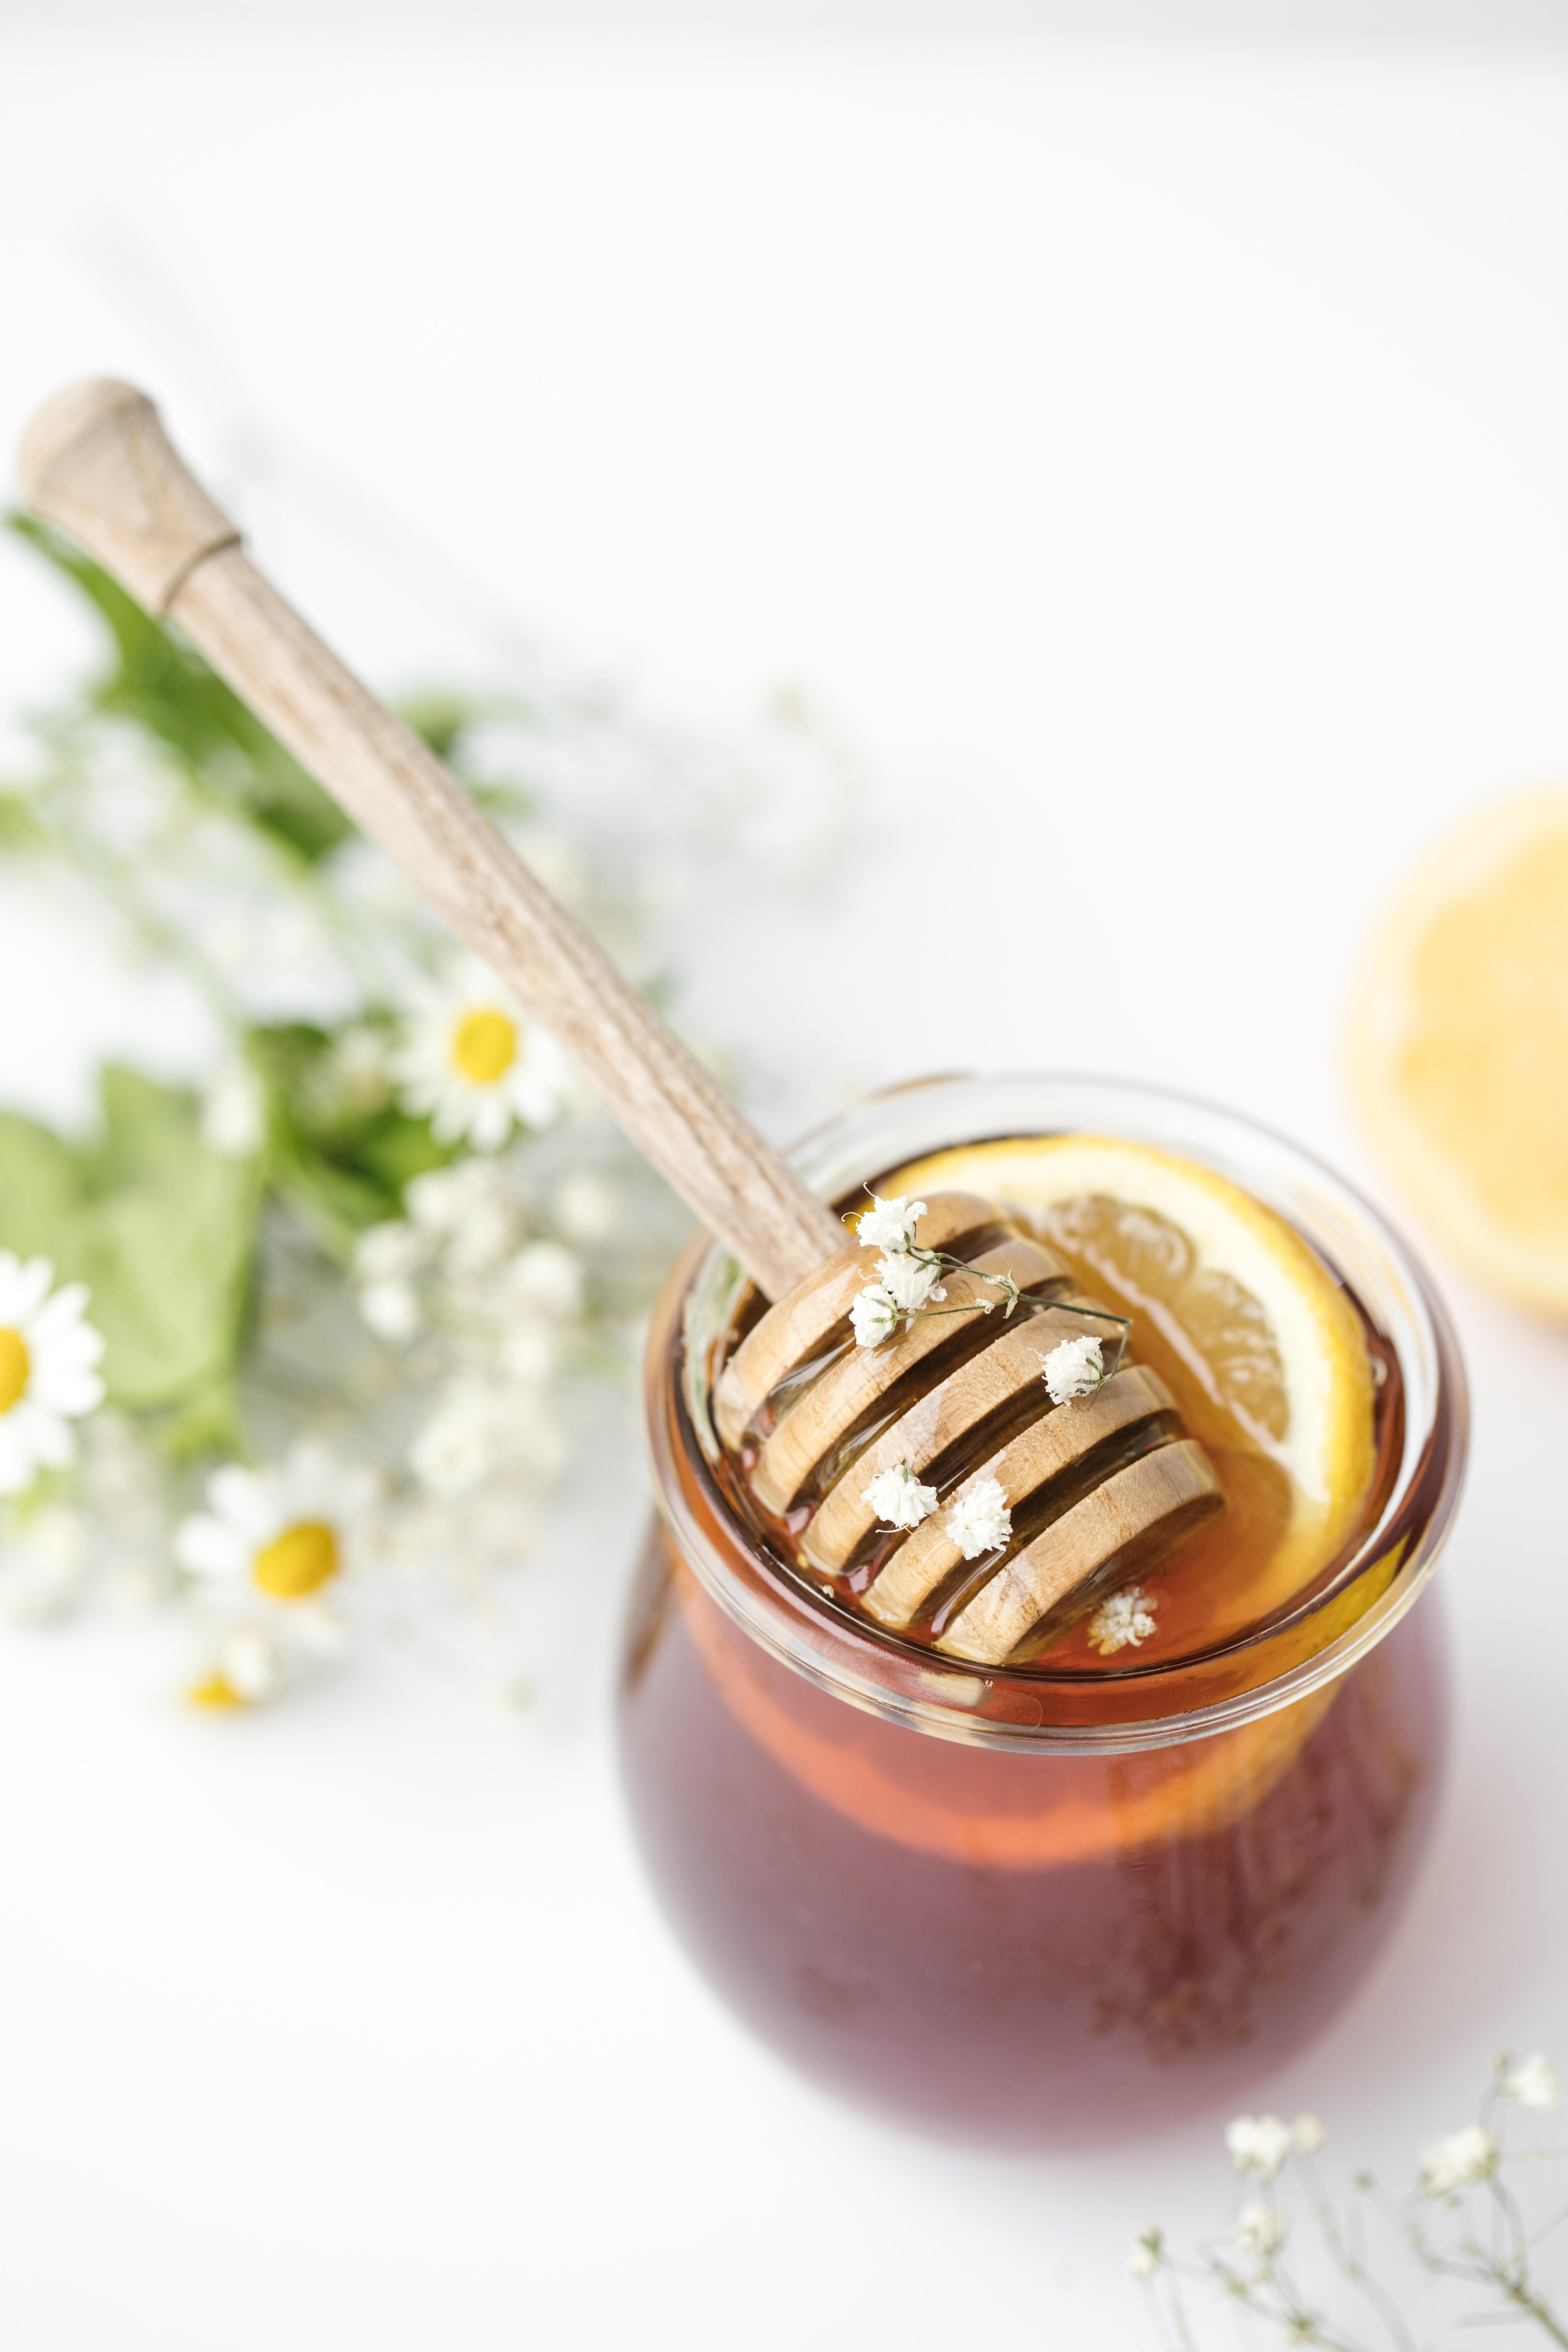 Vaj ulliri, limon dhe mjaltë, kombinimi magjik për organizmin